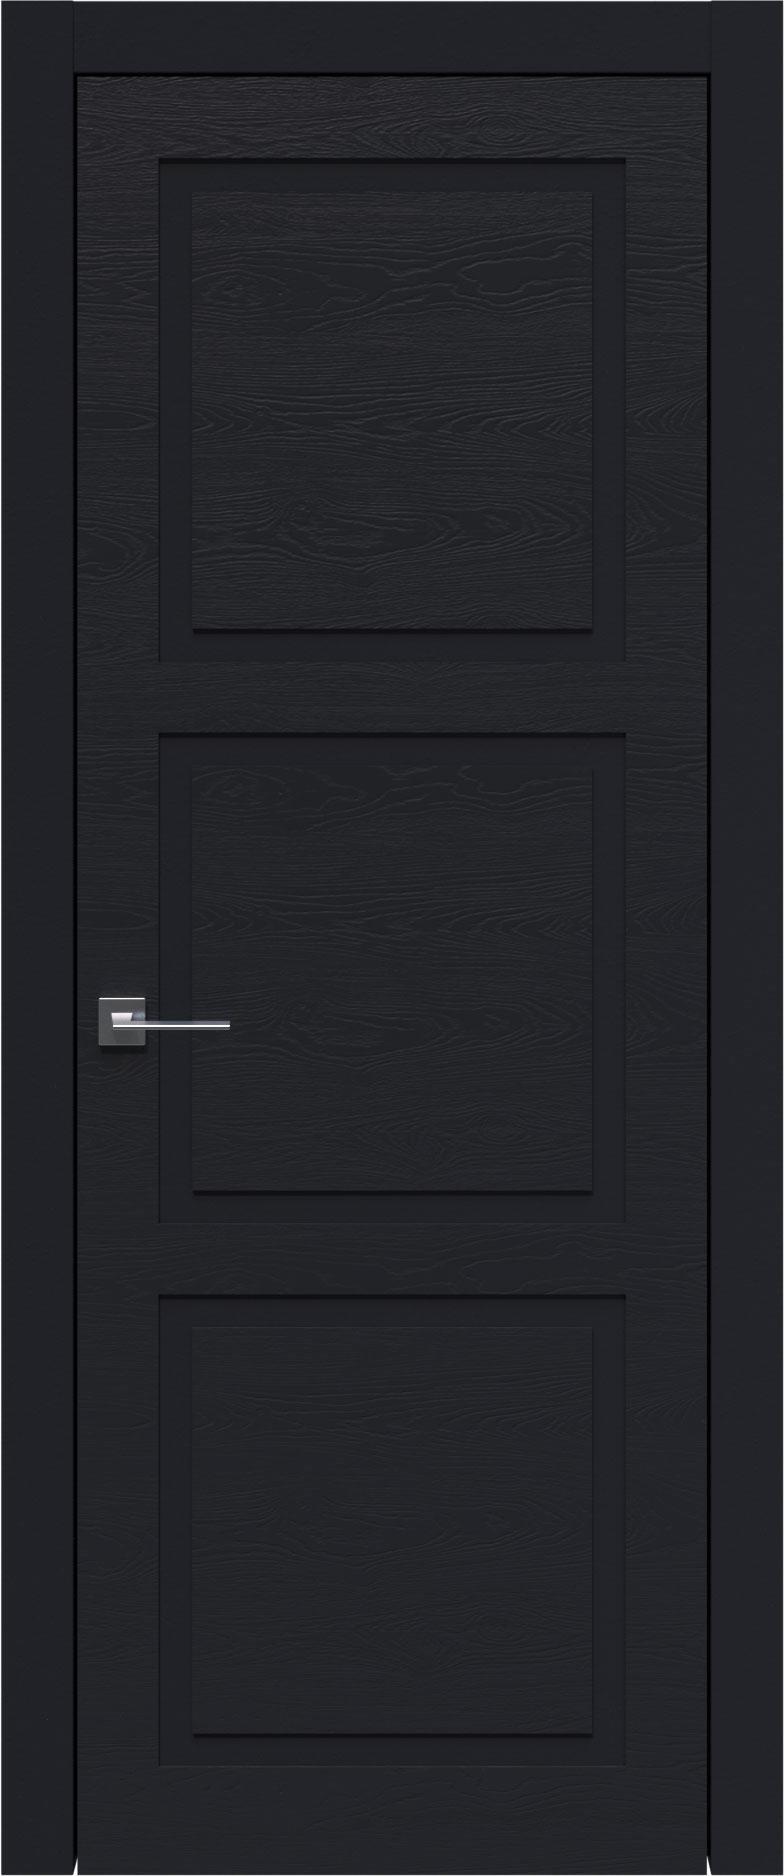 Tivoli Л-5 цвет - Черная эмаль по шпону (RAL 9004) Без стекла (ДГ)